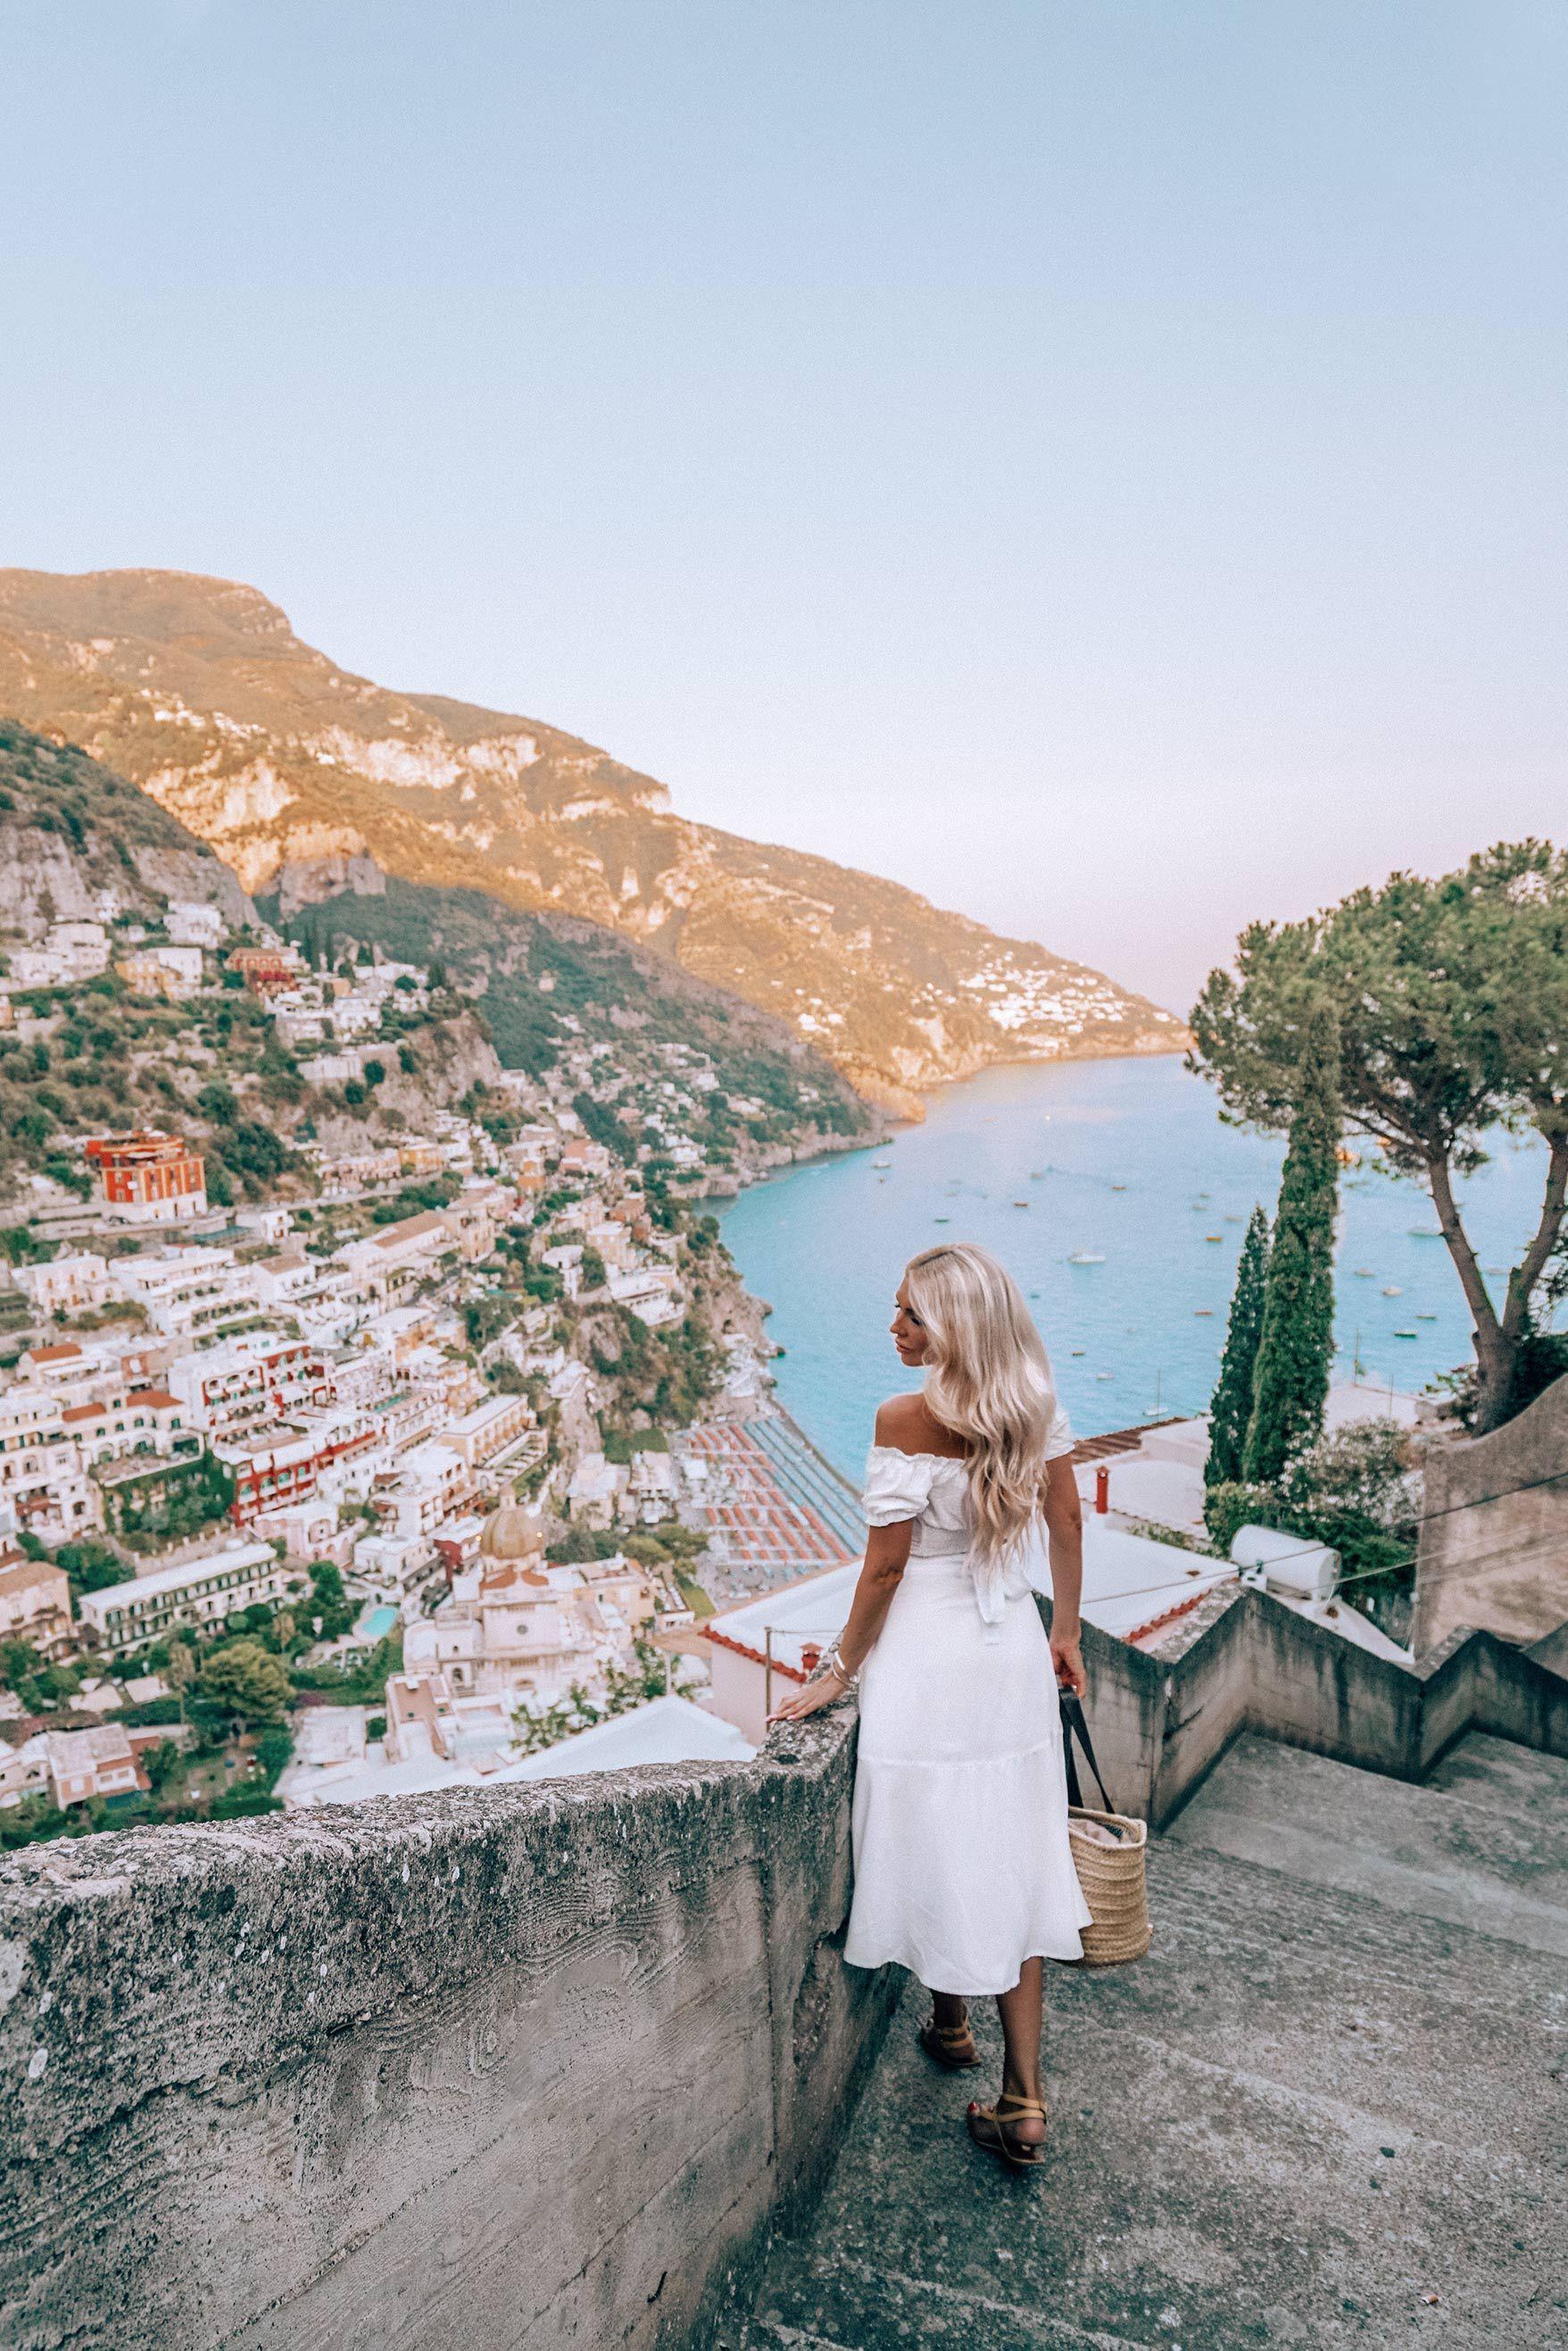 Positano – eine der schönsten Locations Europas